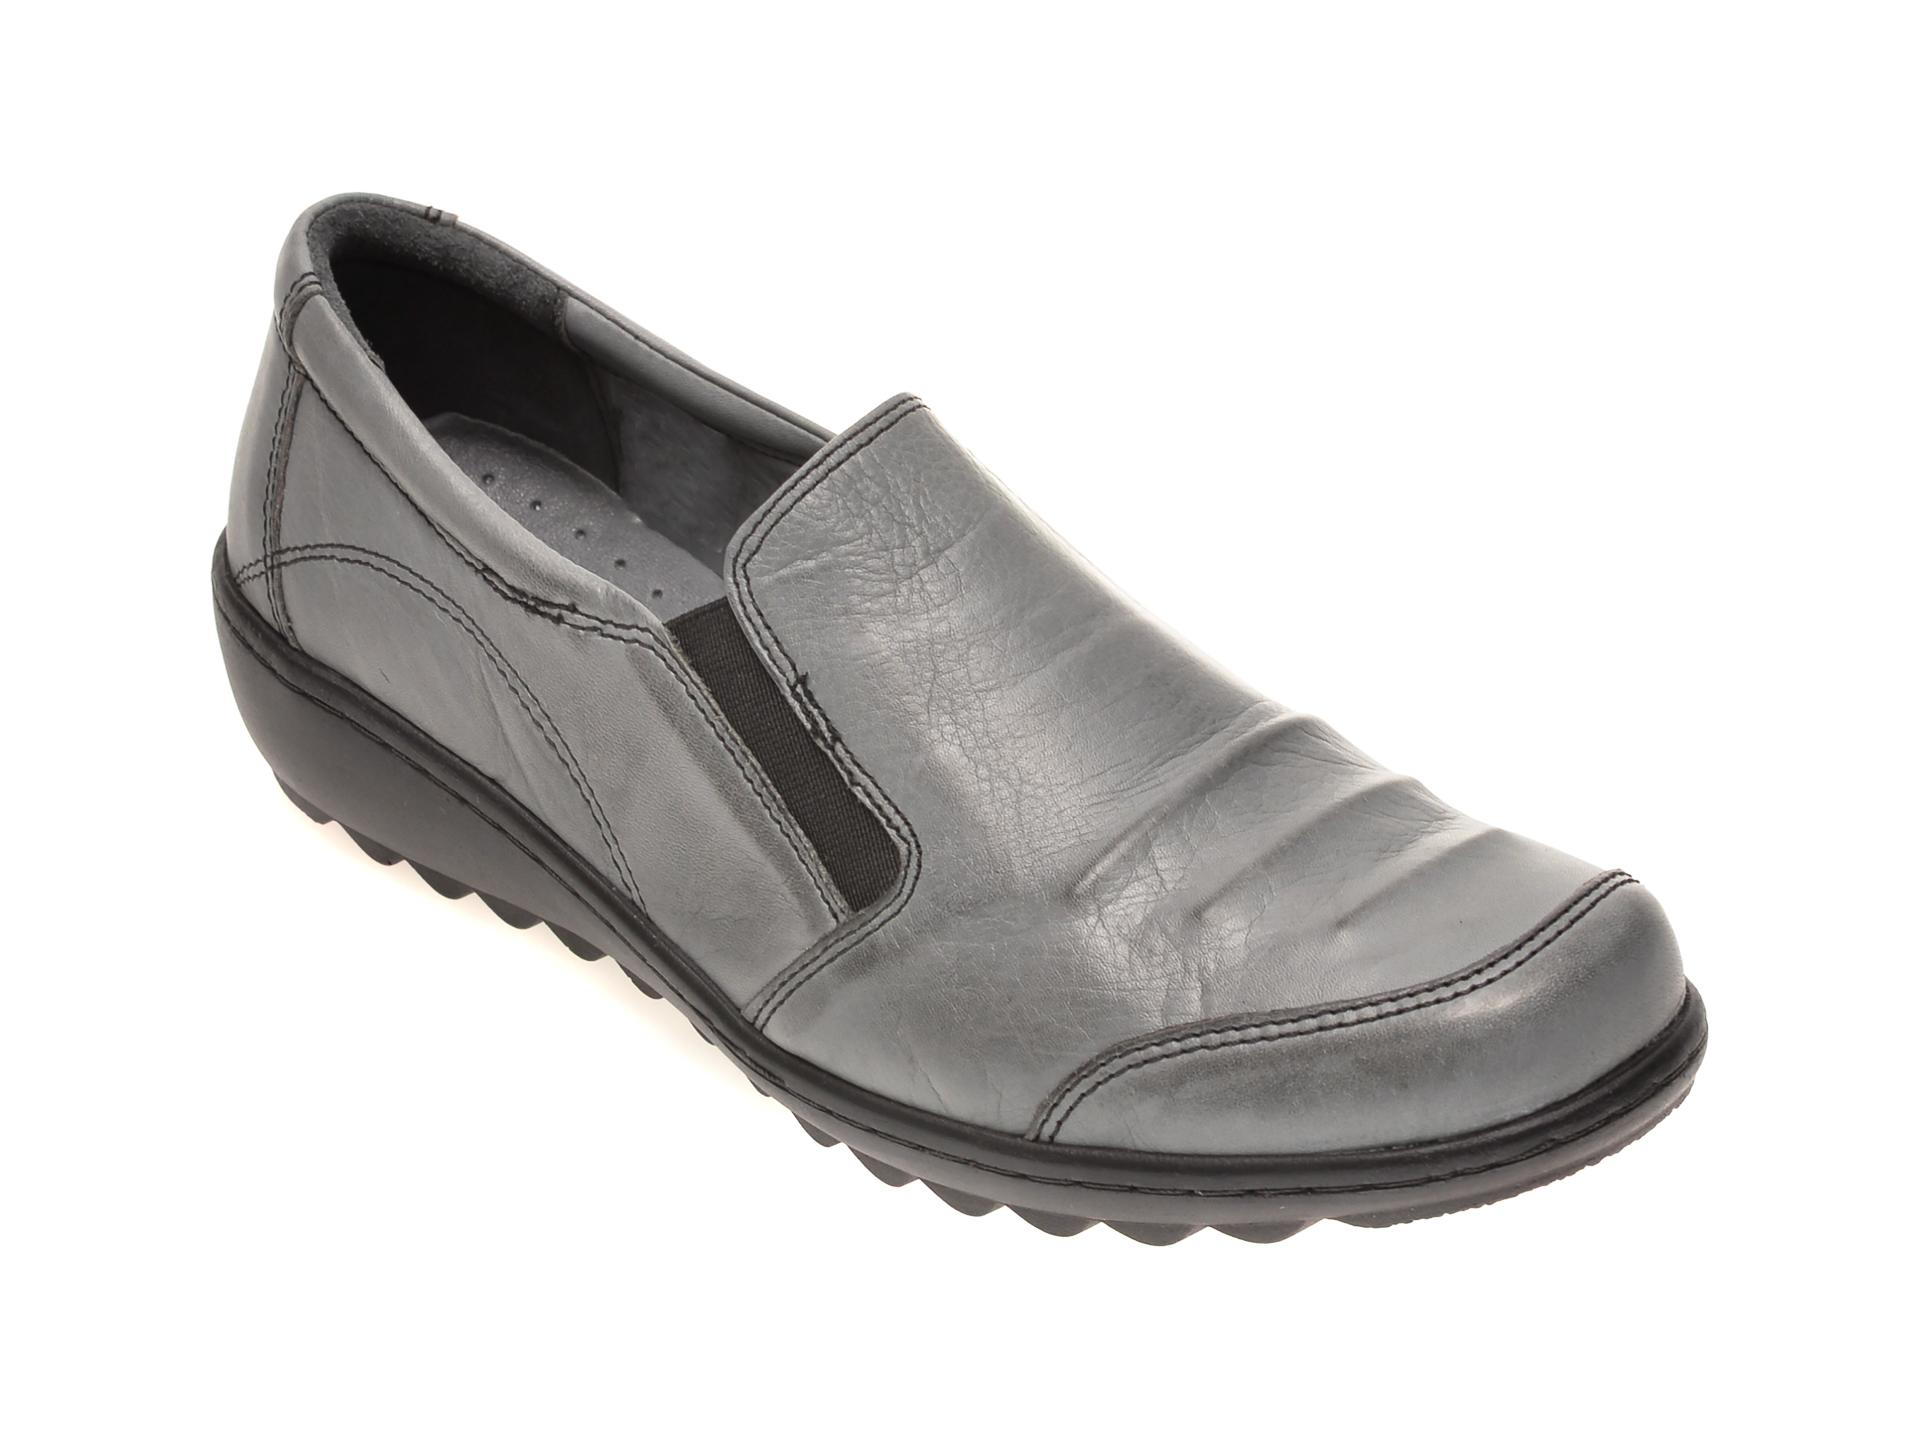 Pantofi PASS COLLECTION gri, 15115, din piele naturala